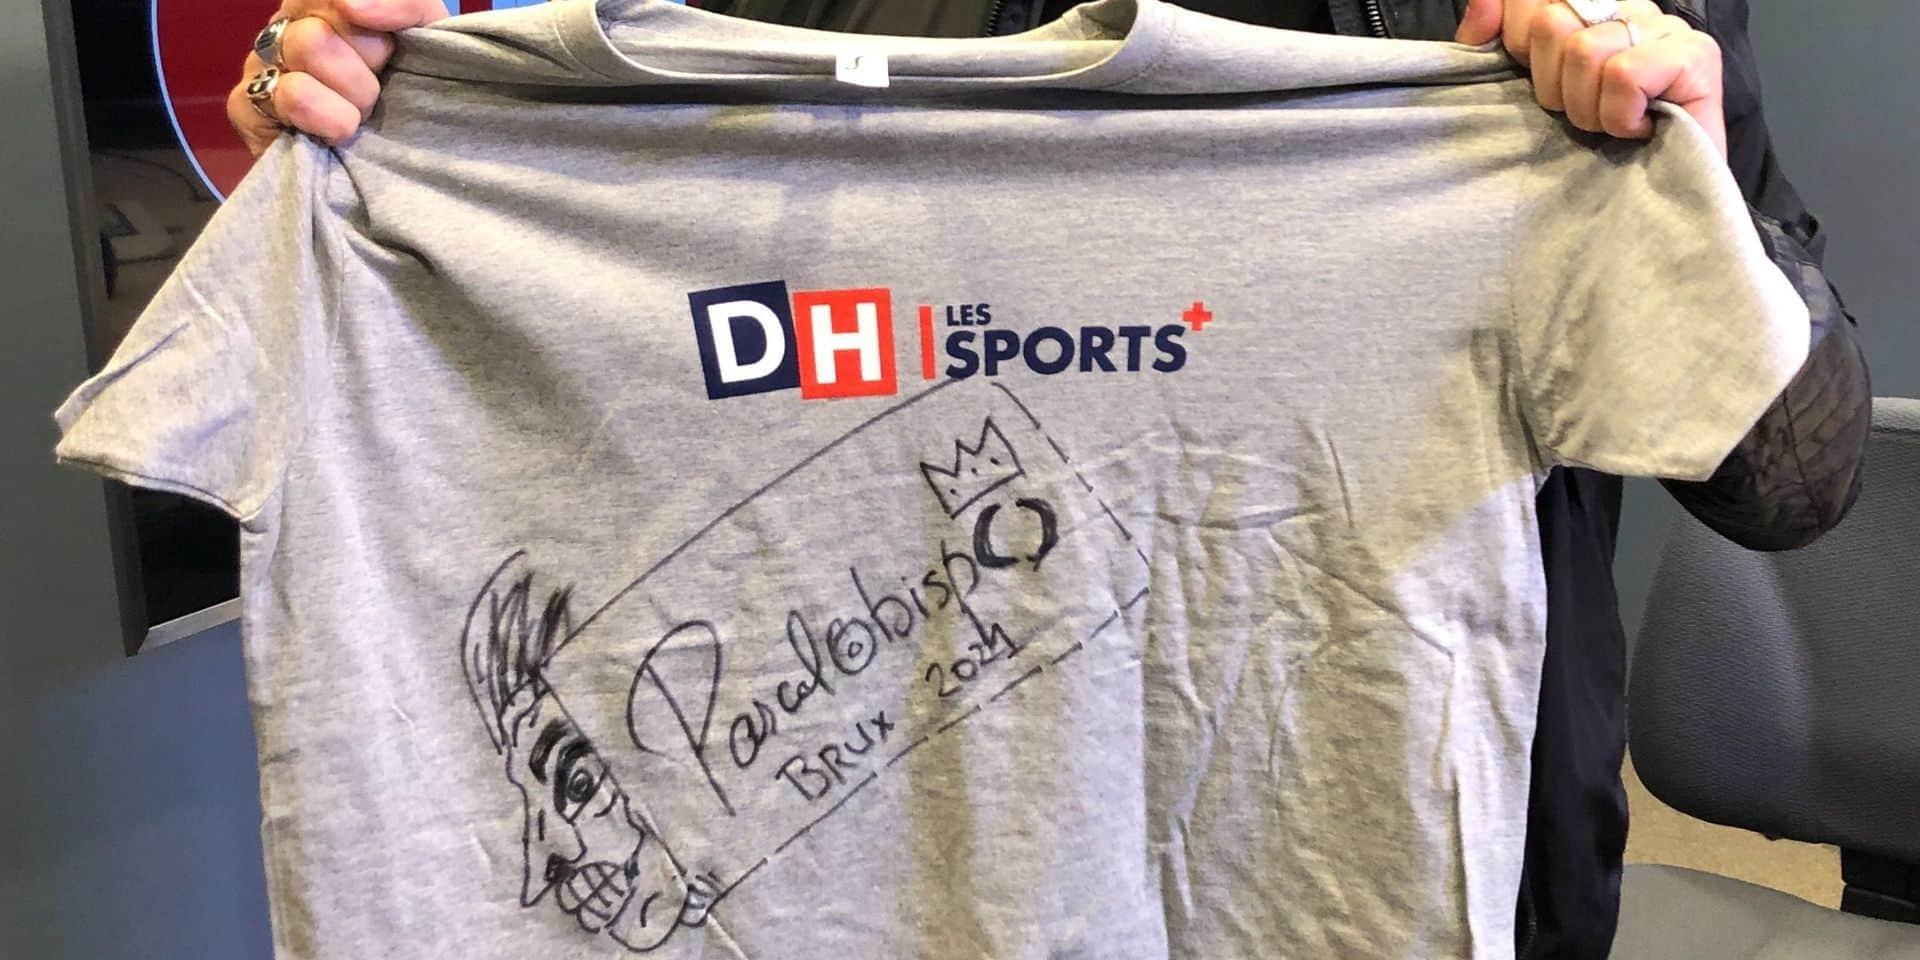 Gagnez un t-shirt DH/LesSports+ dédicacé par Pascal Obispo !